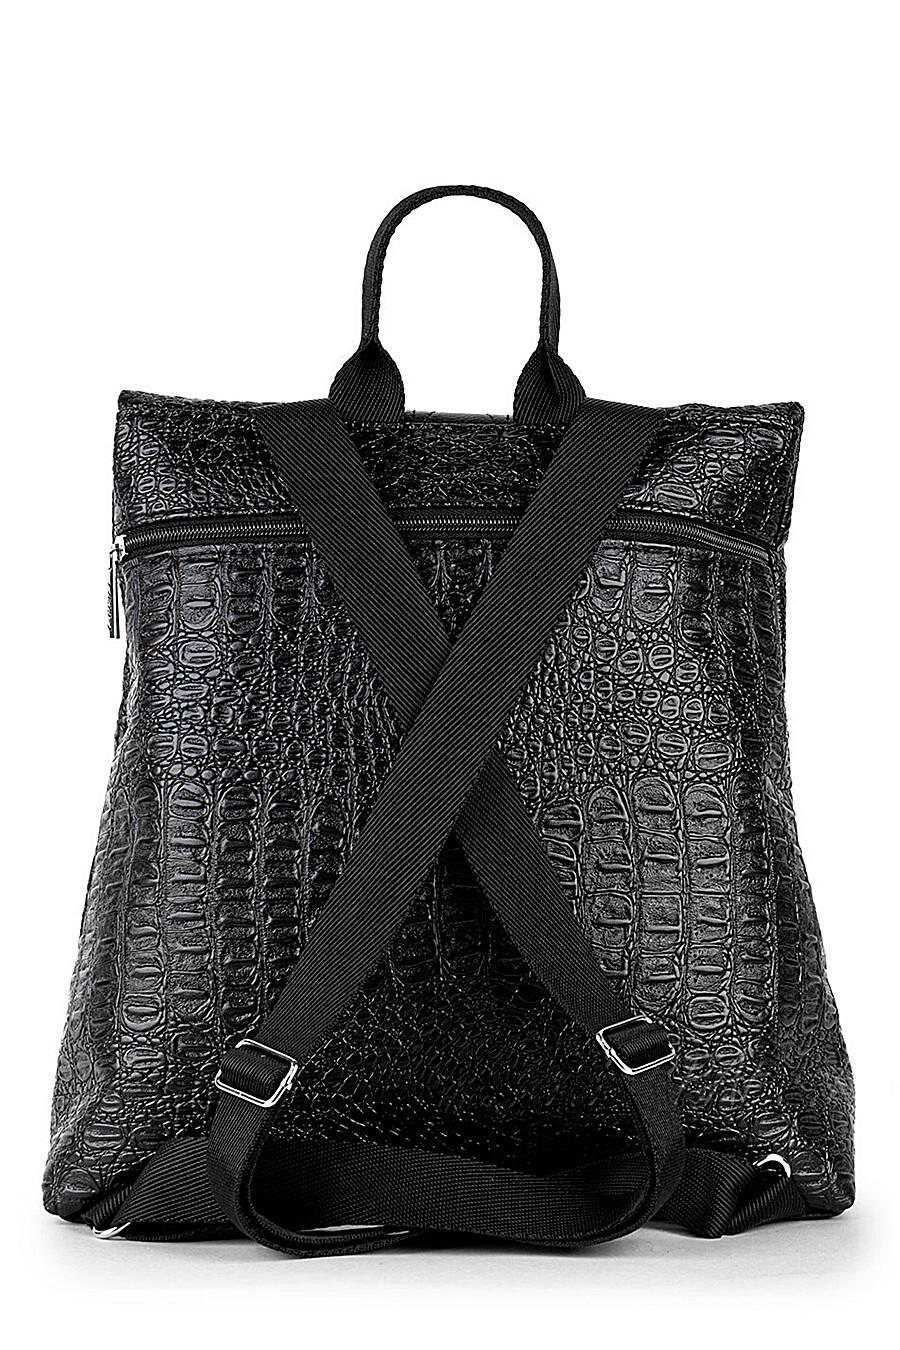 Сумка для женщин L-CRAFT 667916 купить оптом от производителя. Совместная покупка женской одежды в OptMoyo